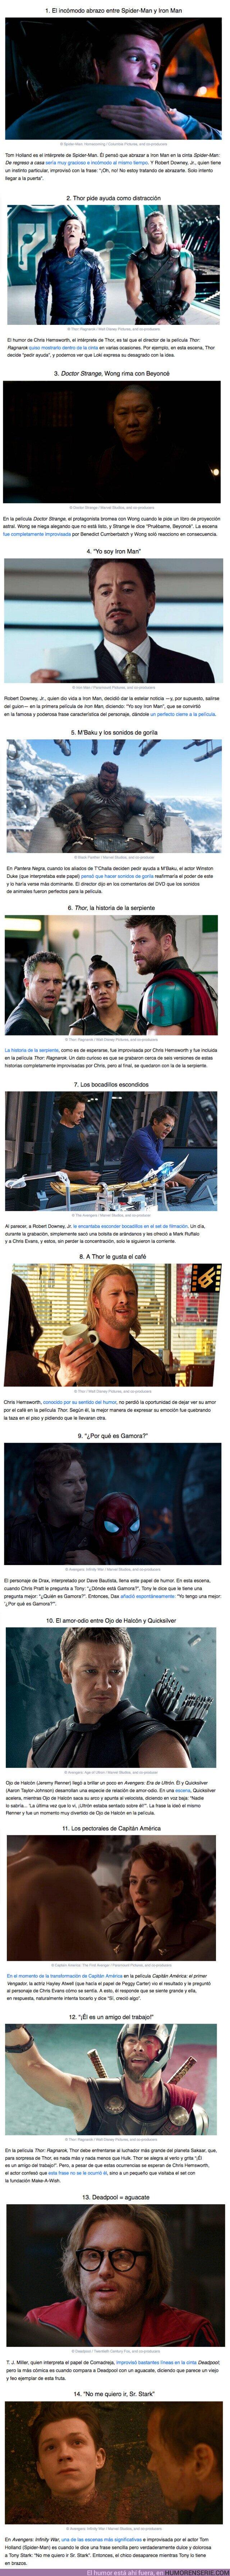 60753 - GALERÍA: 14 Momentos de improvisación de los actores en el universo Marvel que resultaron idóneos para las películas